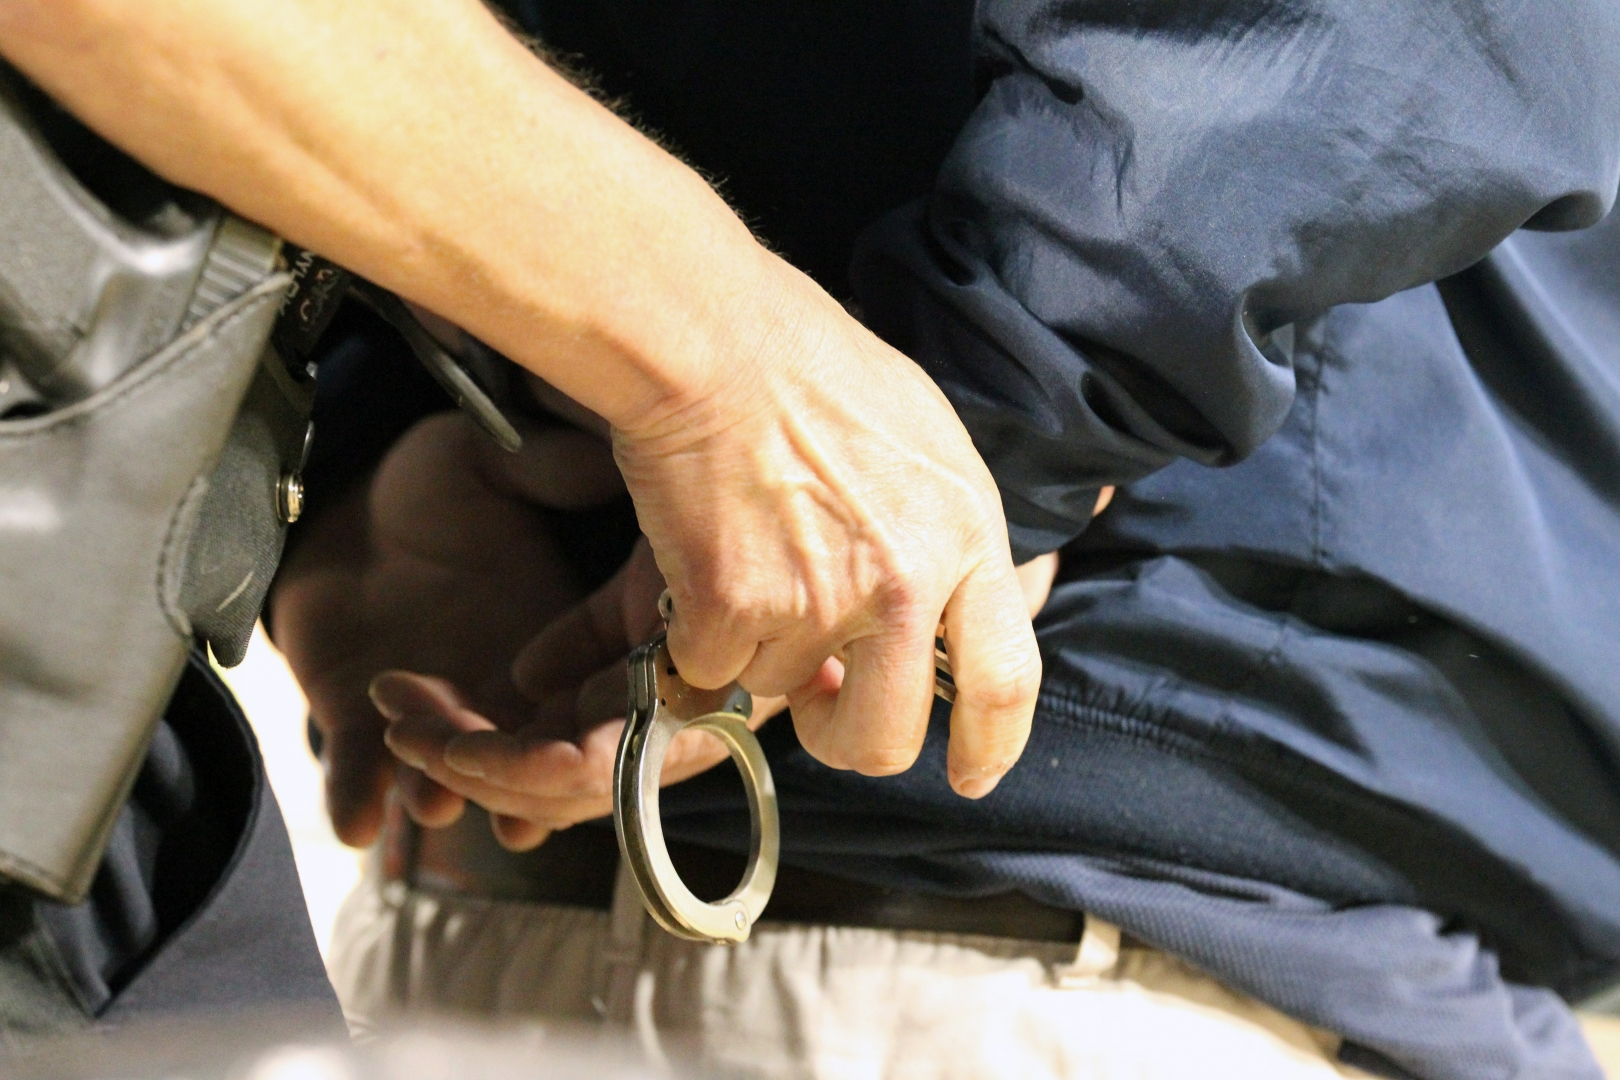 Подозреваемый в изнасиловании задержан в Алматинской области